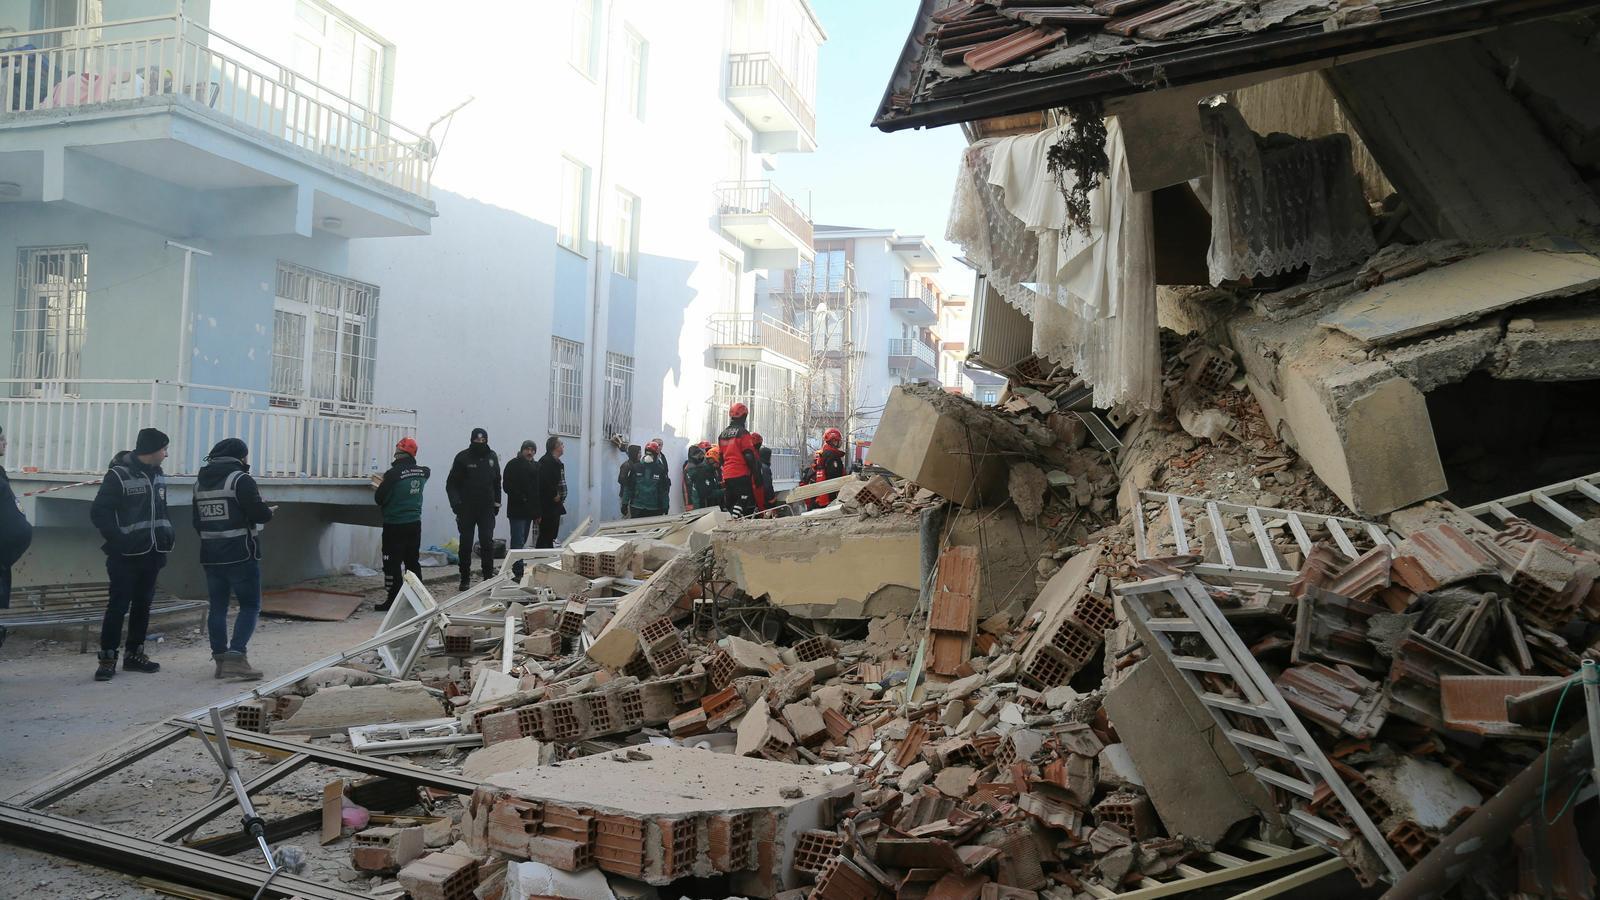 Equips d'emergències treballant en un edific ensorrat a causa del terratrèmol